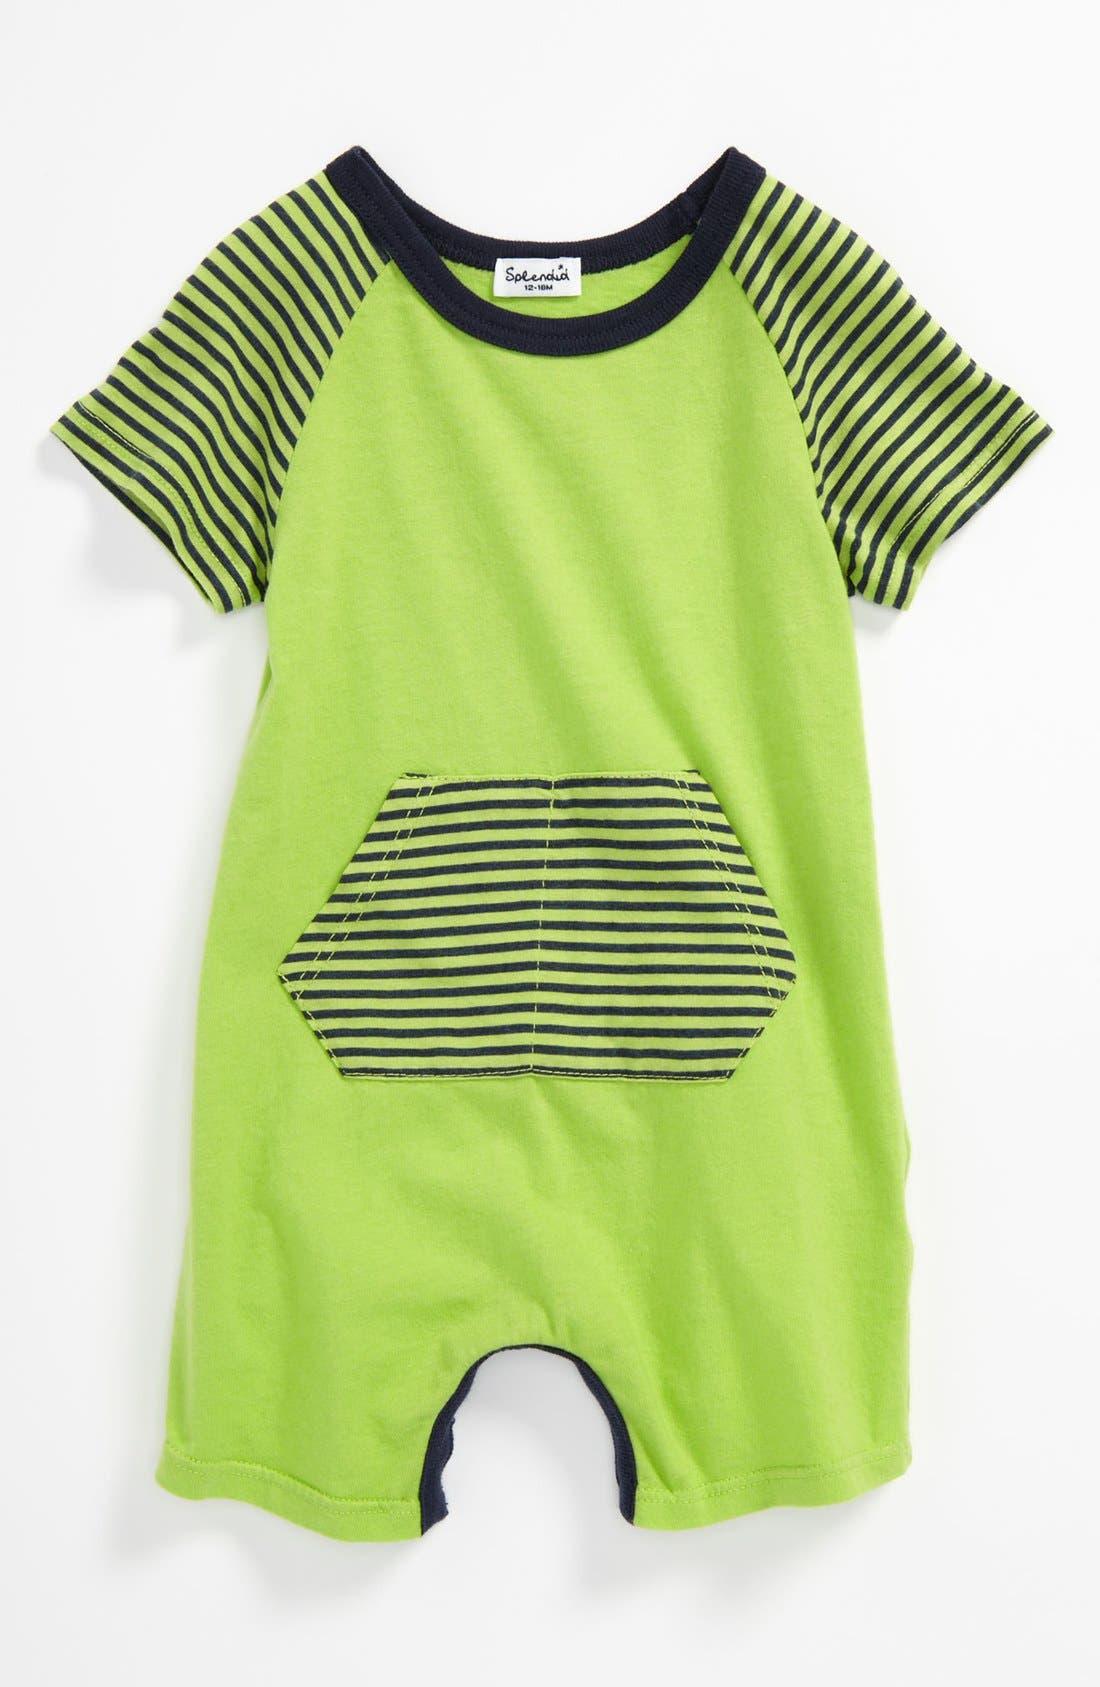 Alternate Image 1 Selected - Splendid Short Sleeve Romper (Baby)